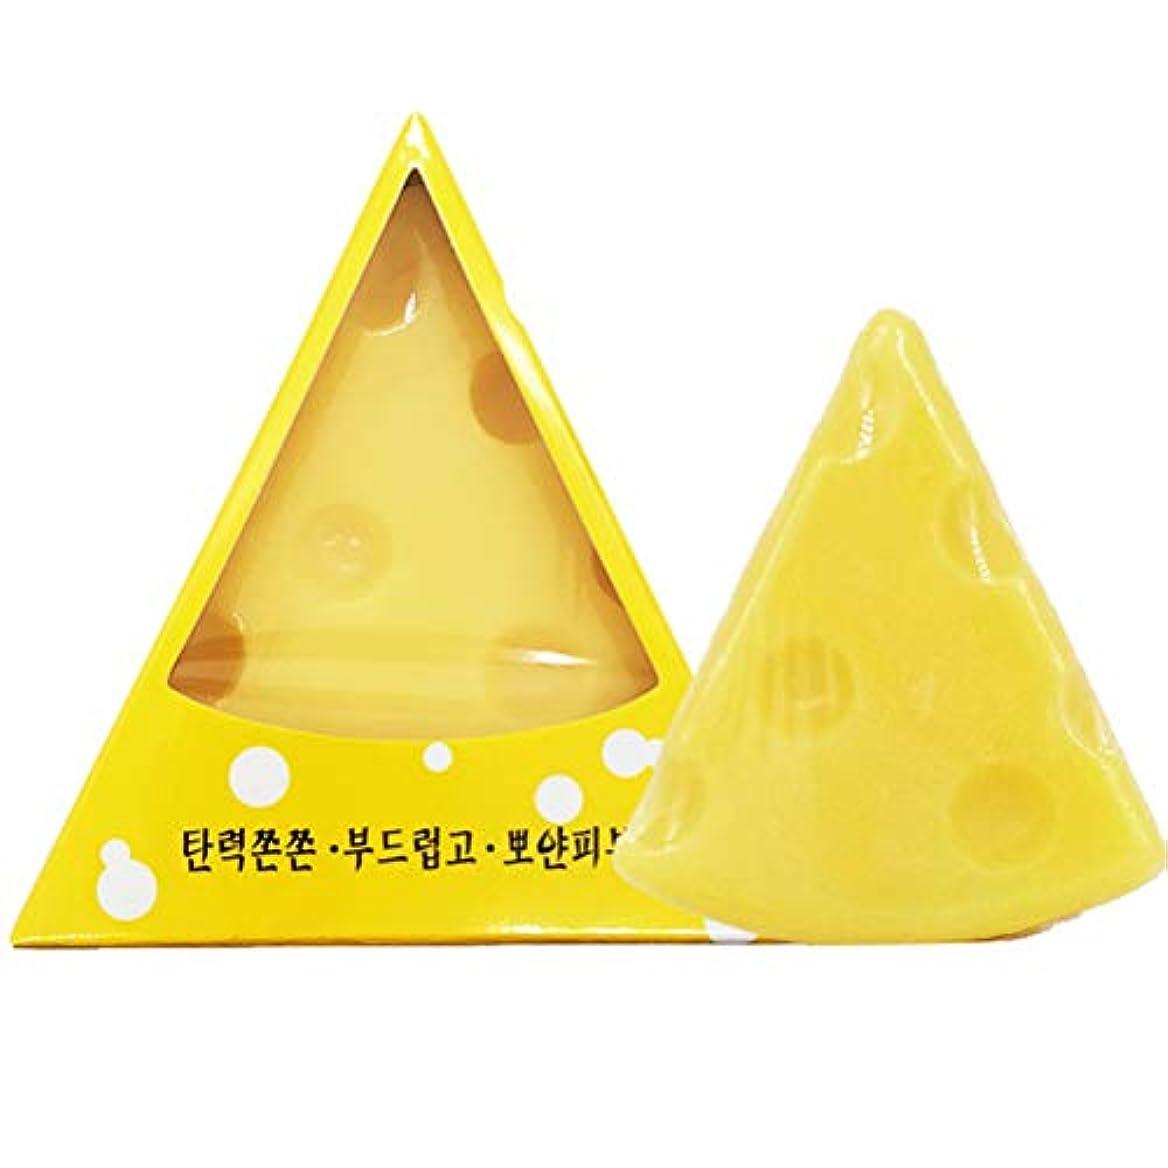 抜本的な順応性バンOurine 石鹸 化粧石けん 浴用 全身 顔 チーズ デリケートゾーン 低刺激 保湿 アルコールフリー いい匂い